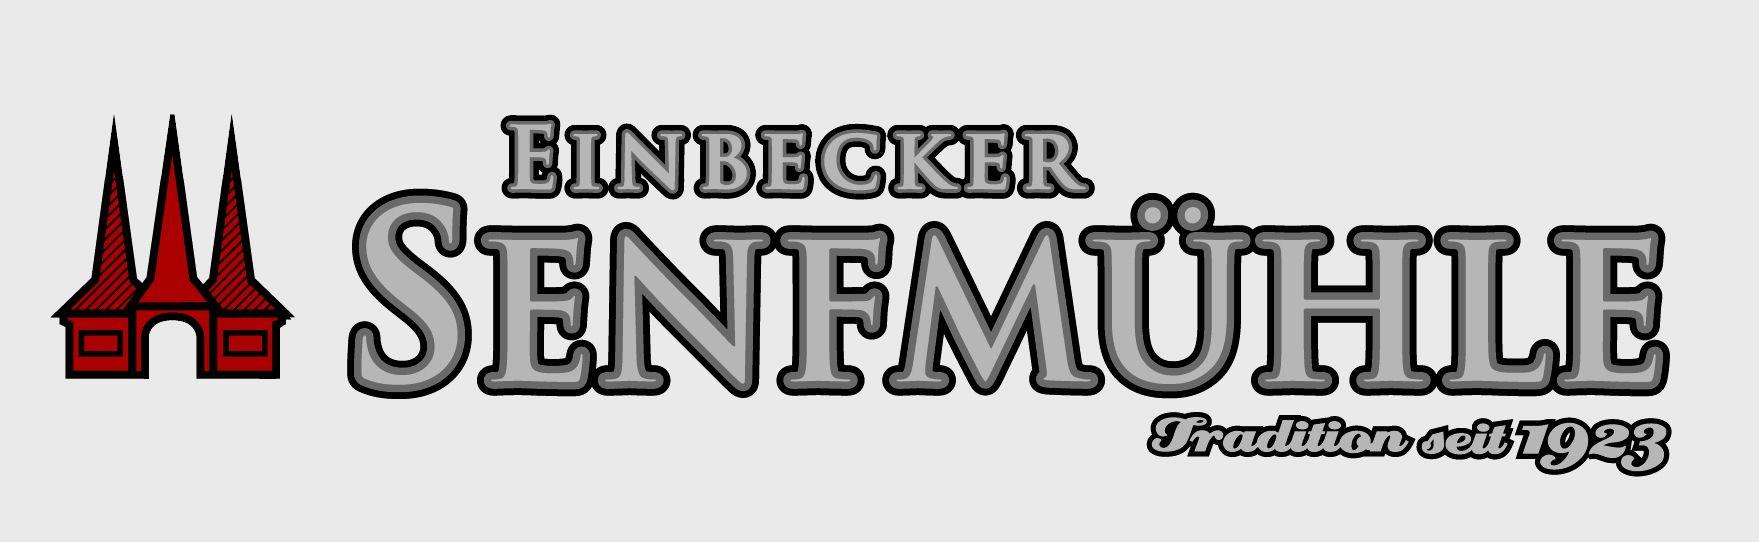 Einbecker Senfmühle